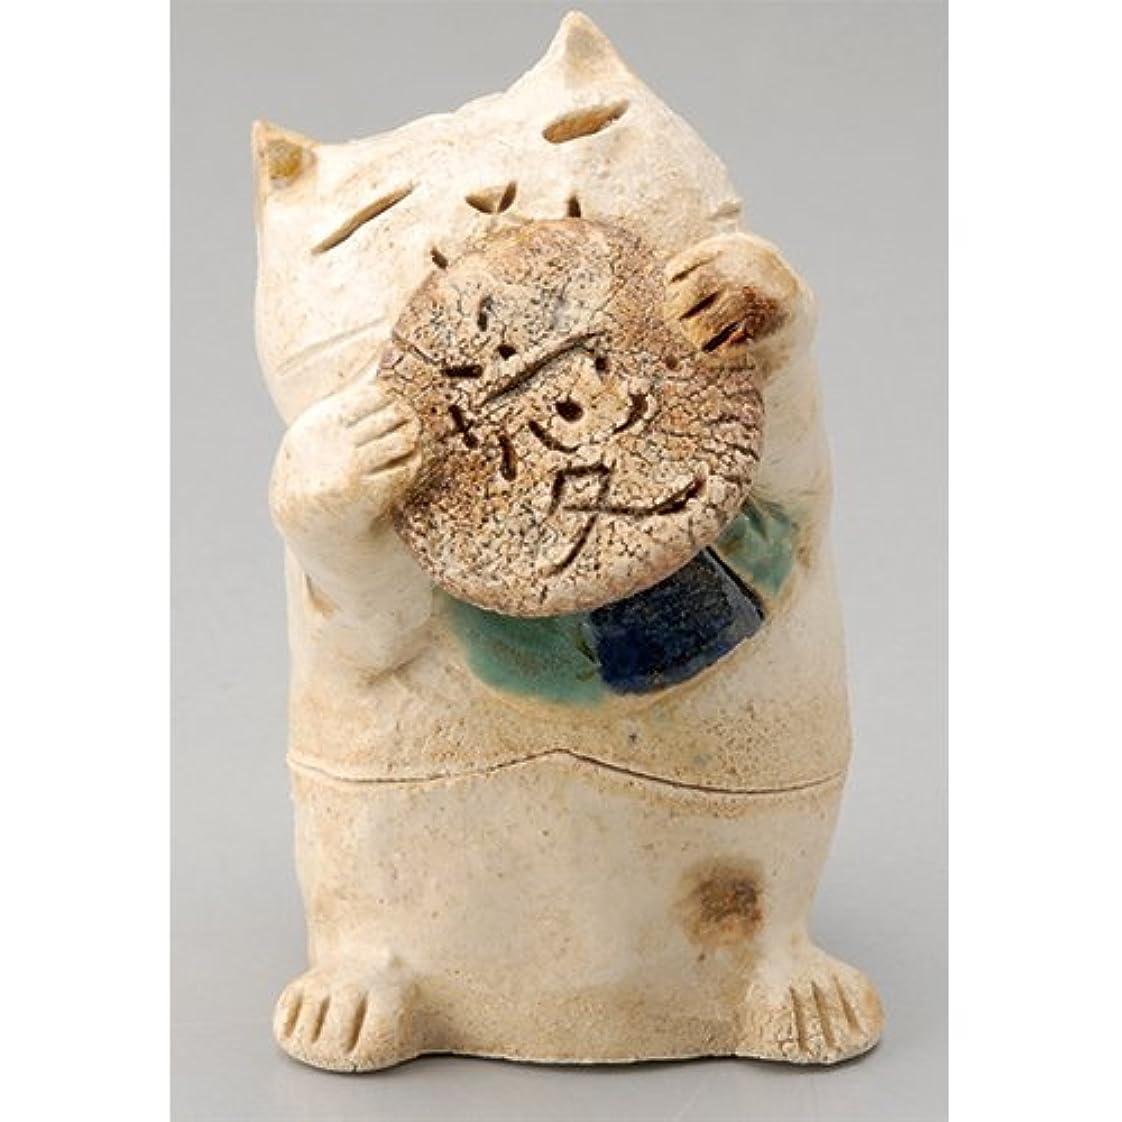 充電マイナス程度香炉 ごえん猫 香炉(愛) [H8cm] HANDMADE プレゼント ギフト 和食器 かわいい インテリア